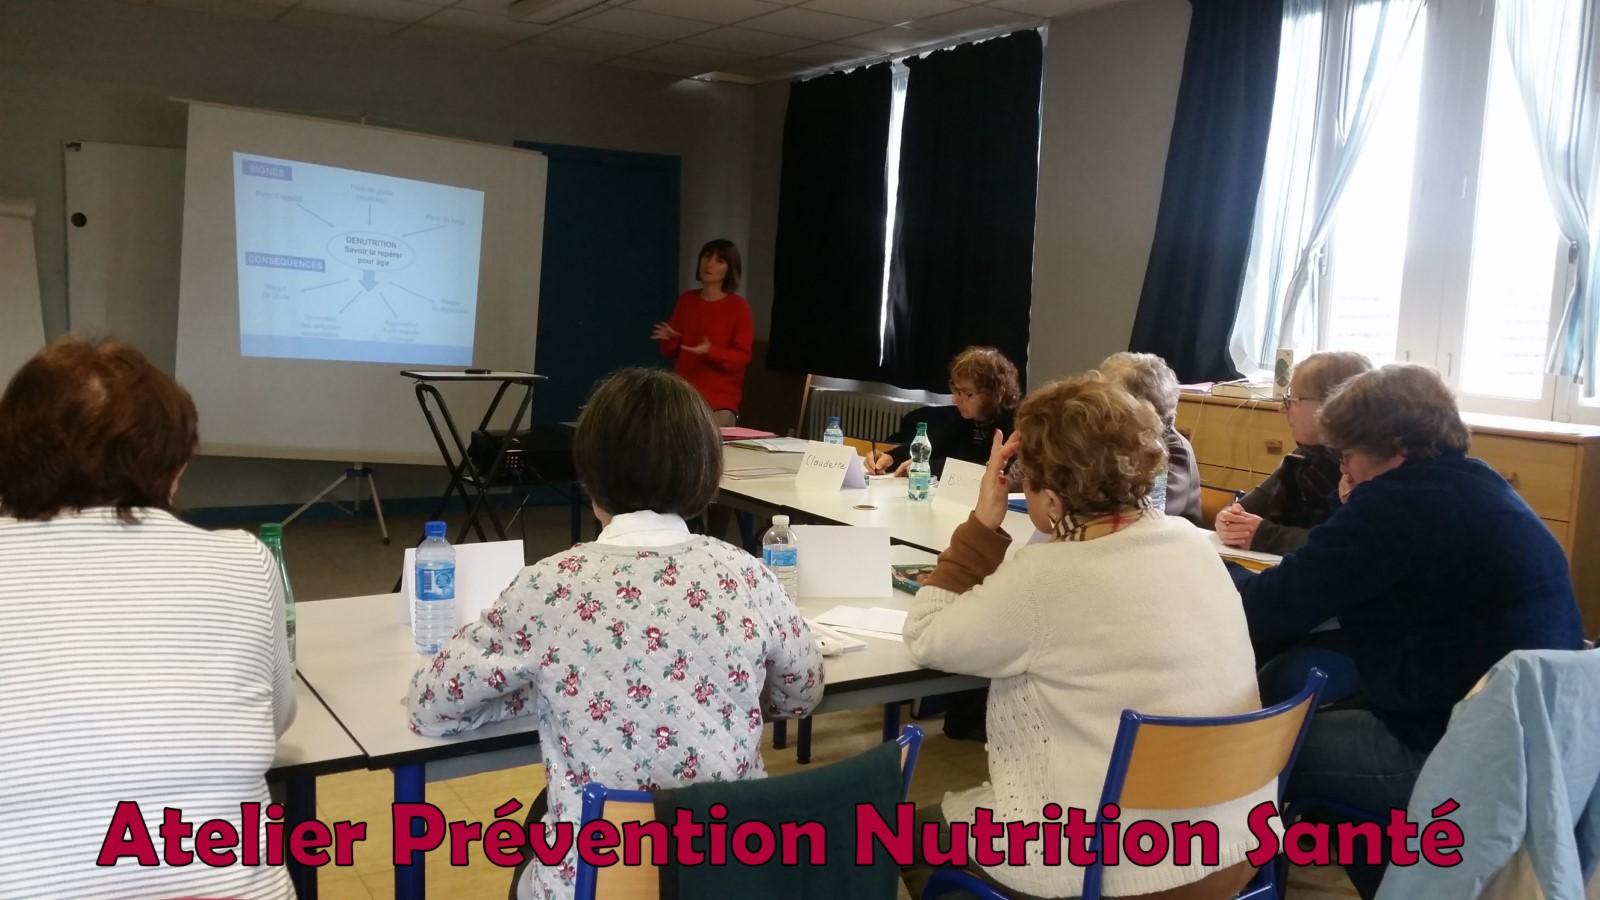 104Atelier Prévention Nutrition Santé